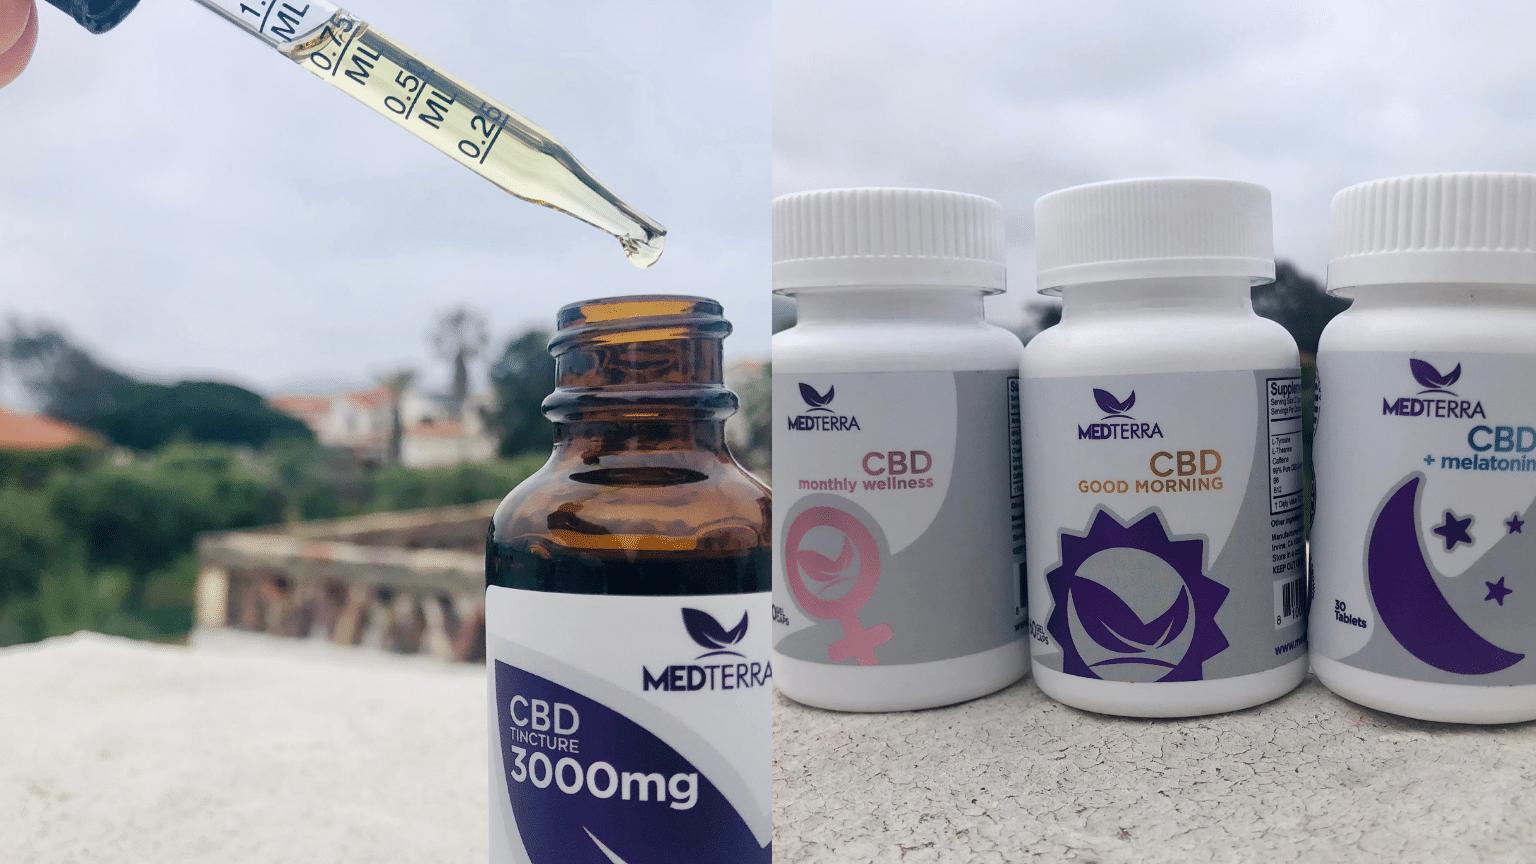 medterra-cbd-tincture-and-capsules